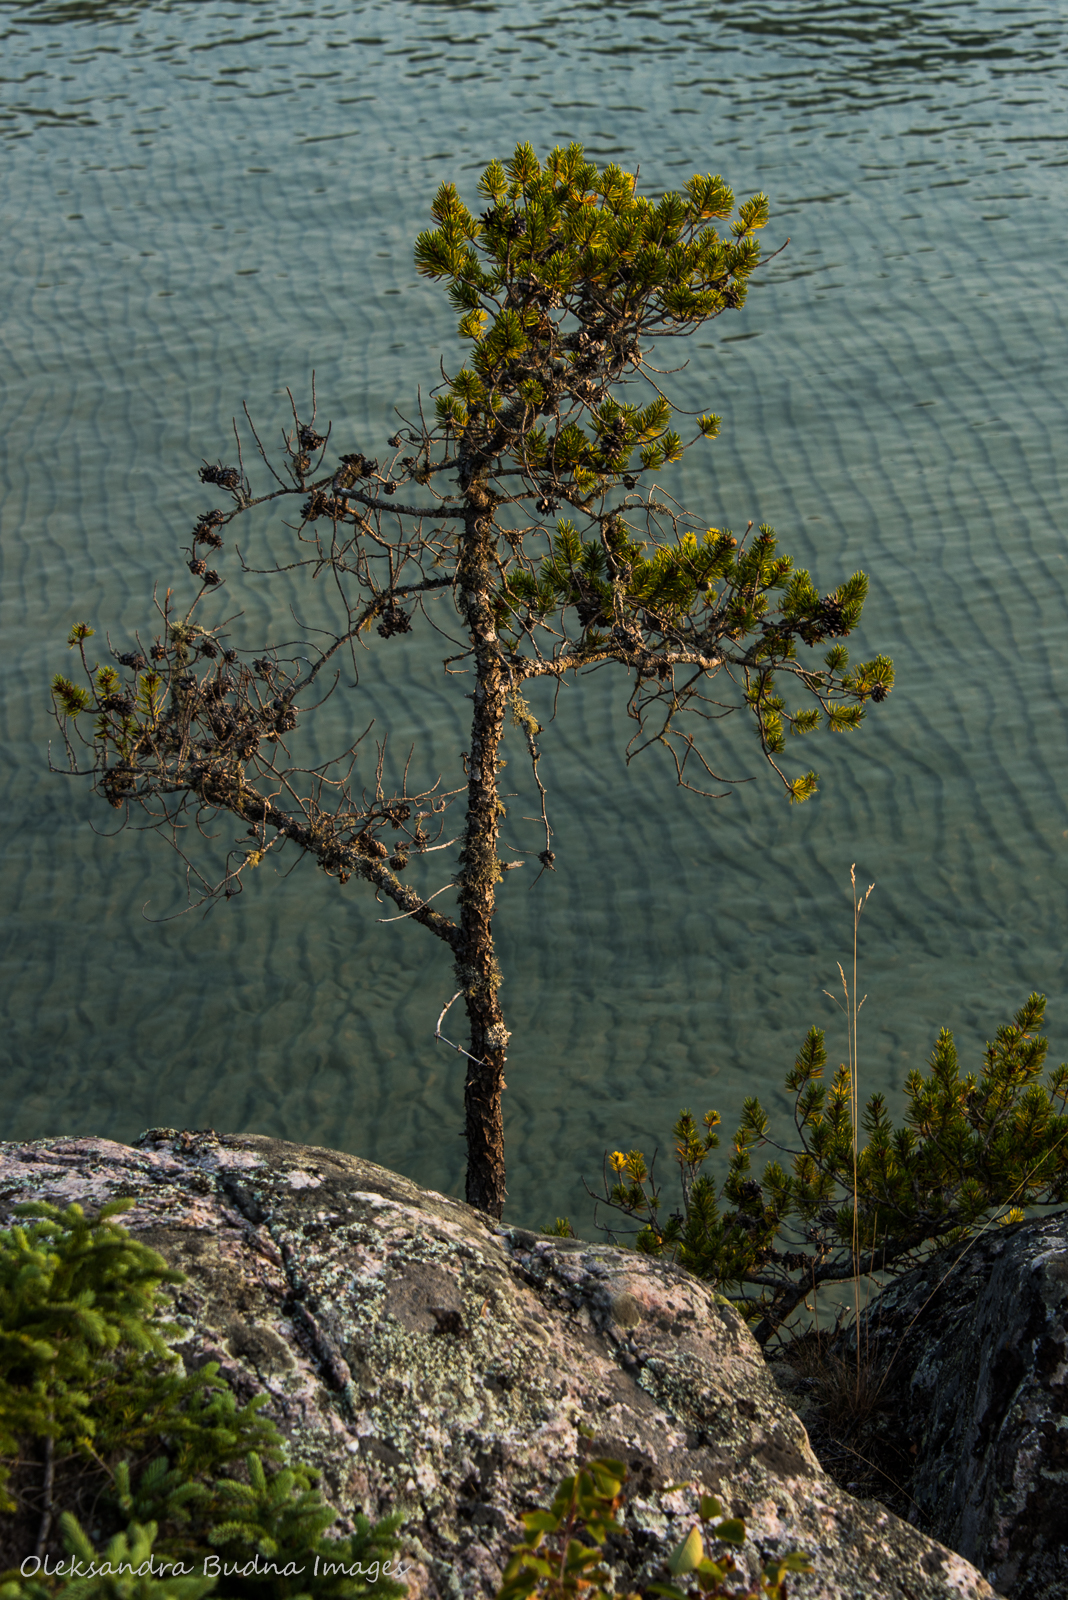 Fisherman's Cove in Pukaskwa